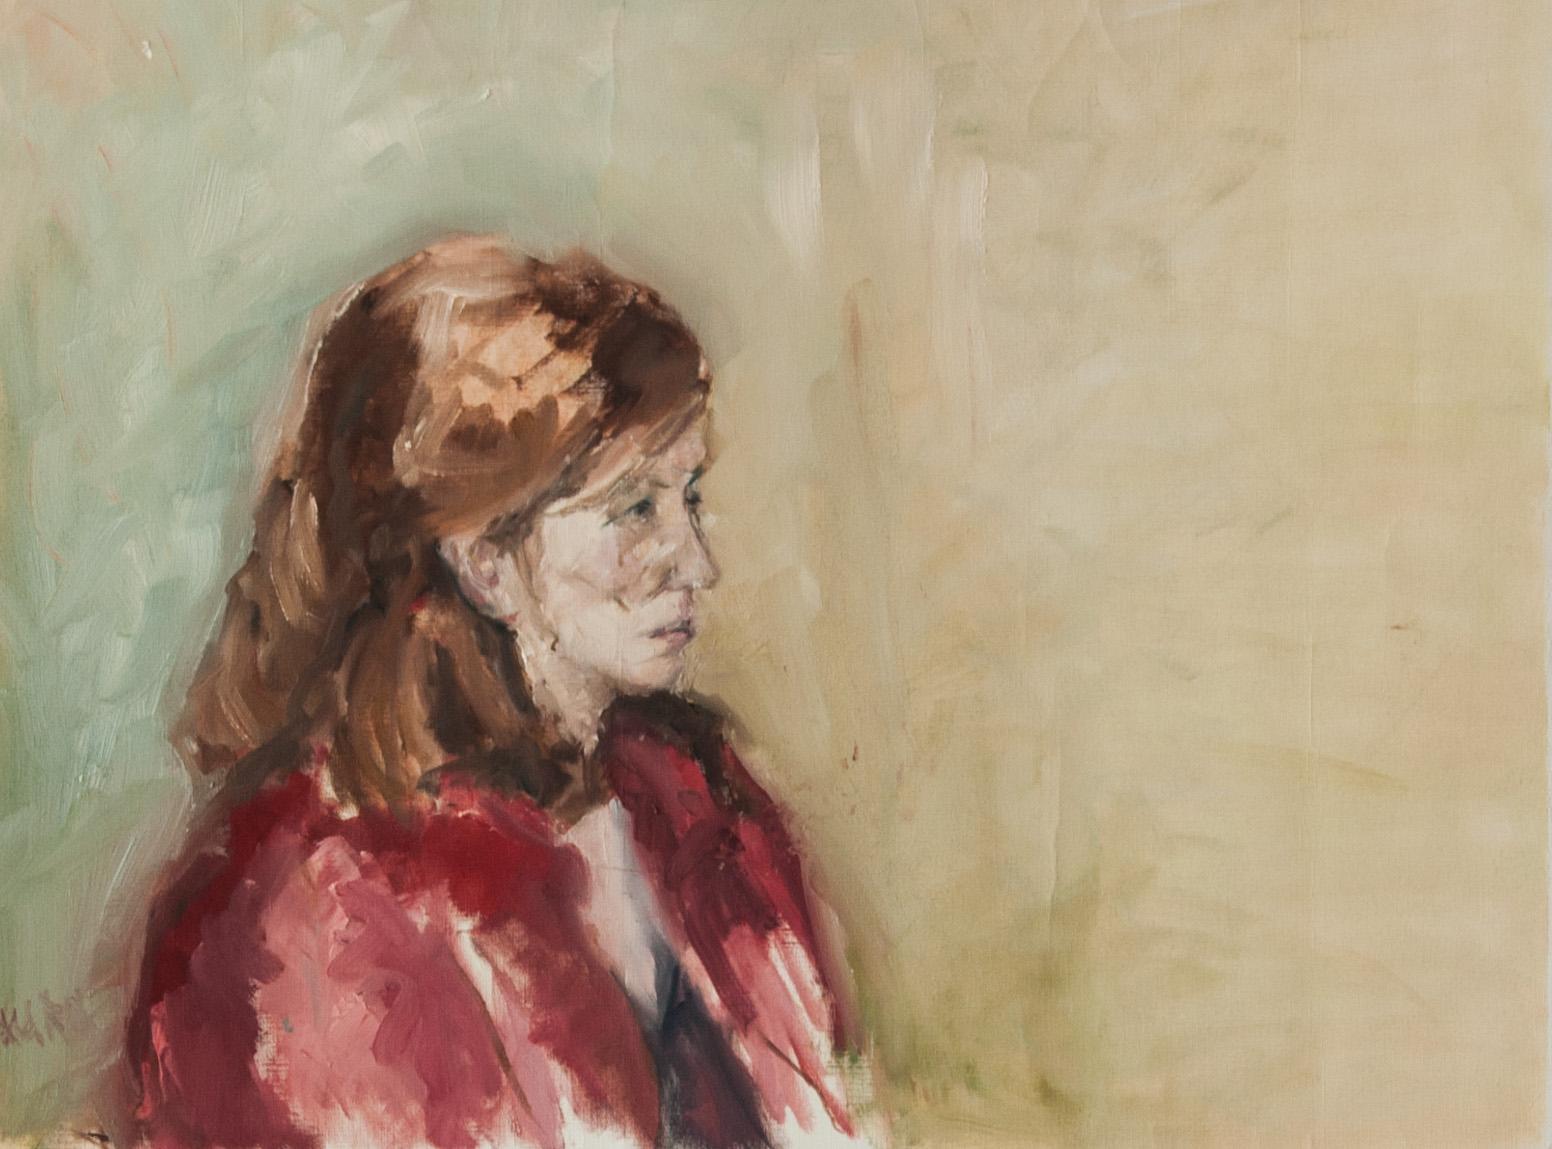 Vrouw met rode jas 2007 olieverf op papier 50 x 65